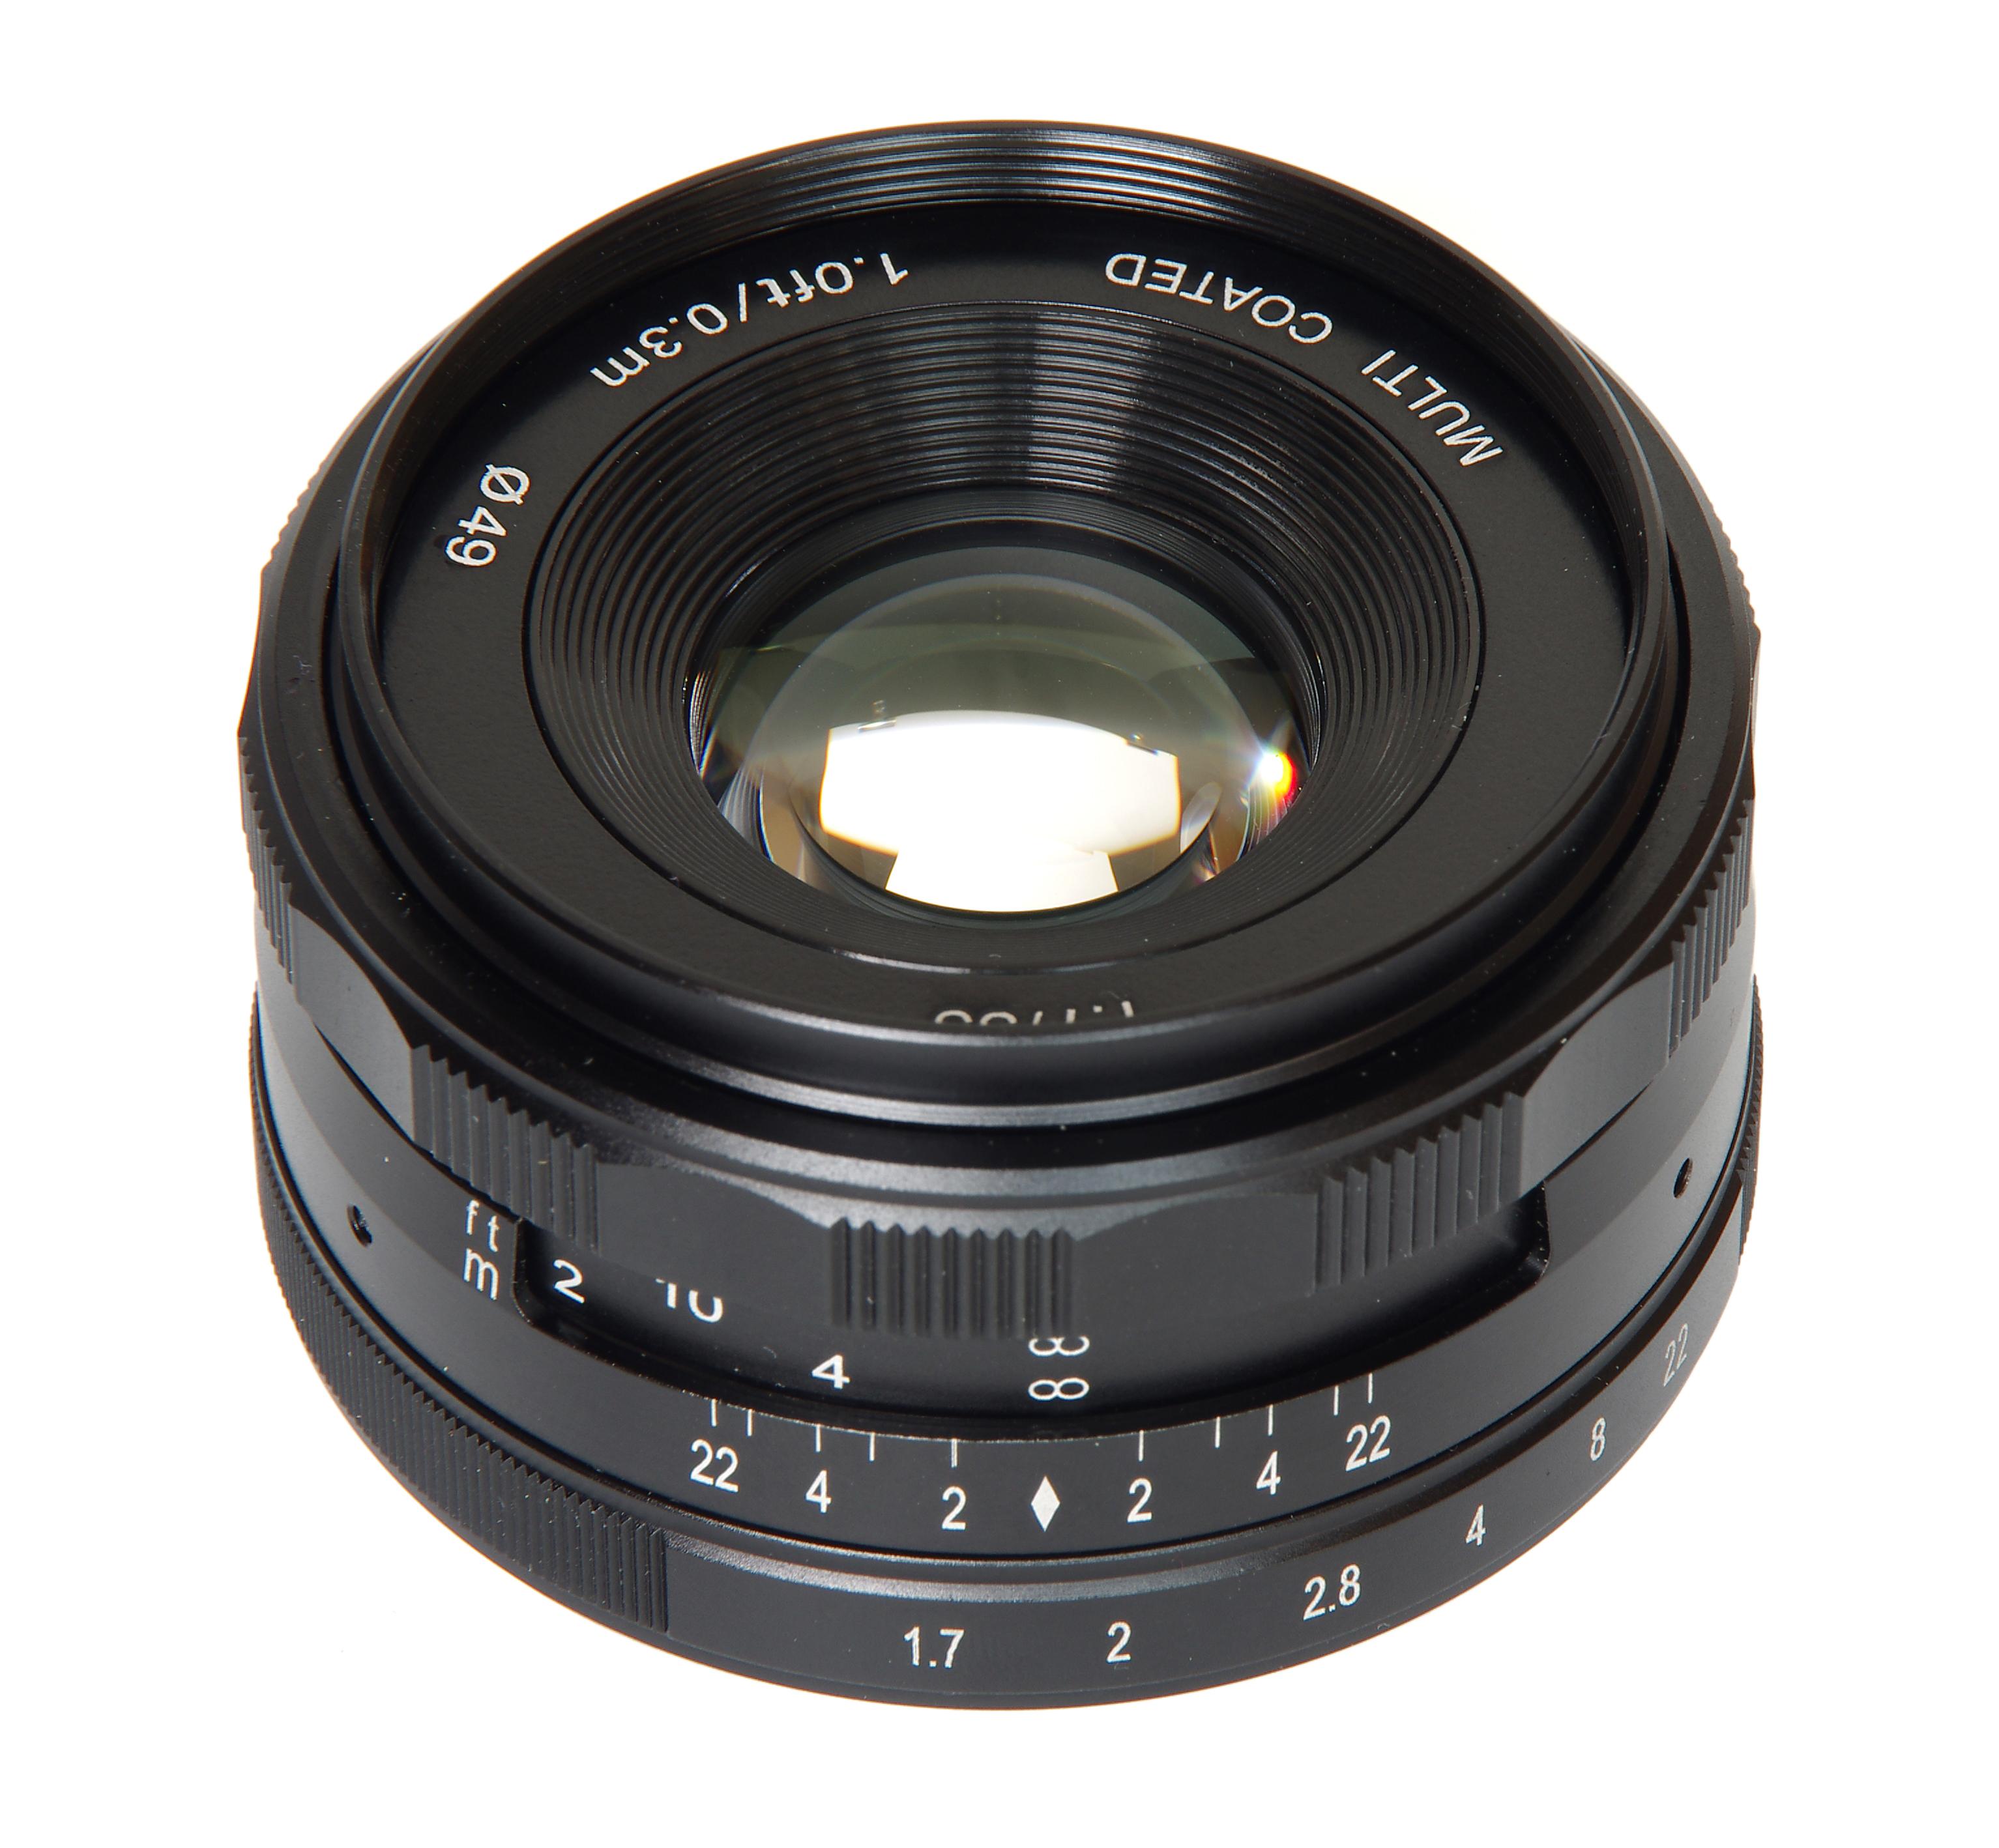 35 Reviews: Meike 35mm F/1.7 Lens Review